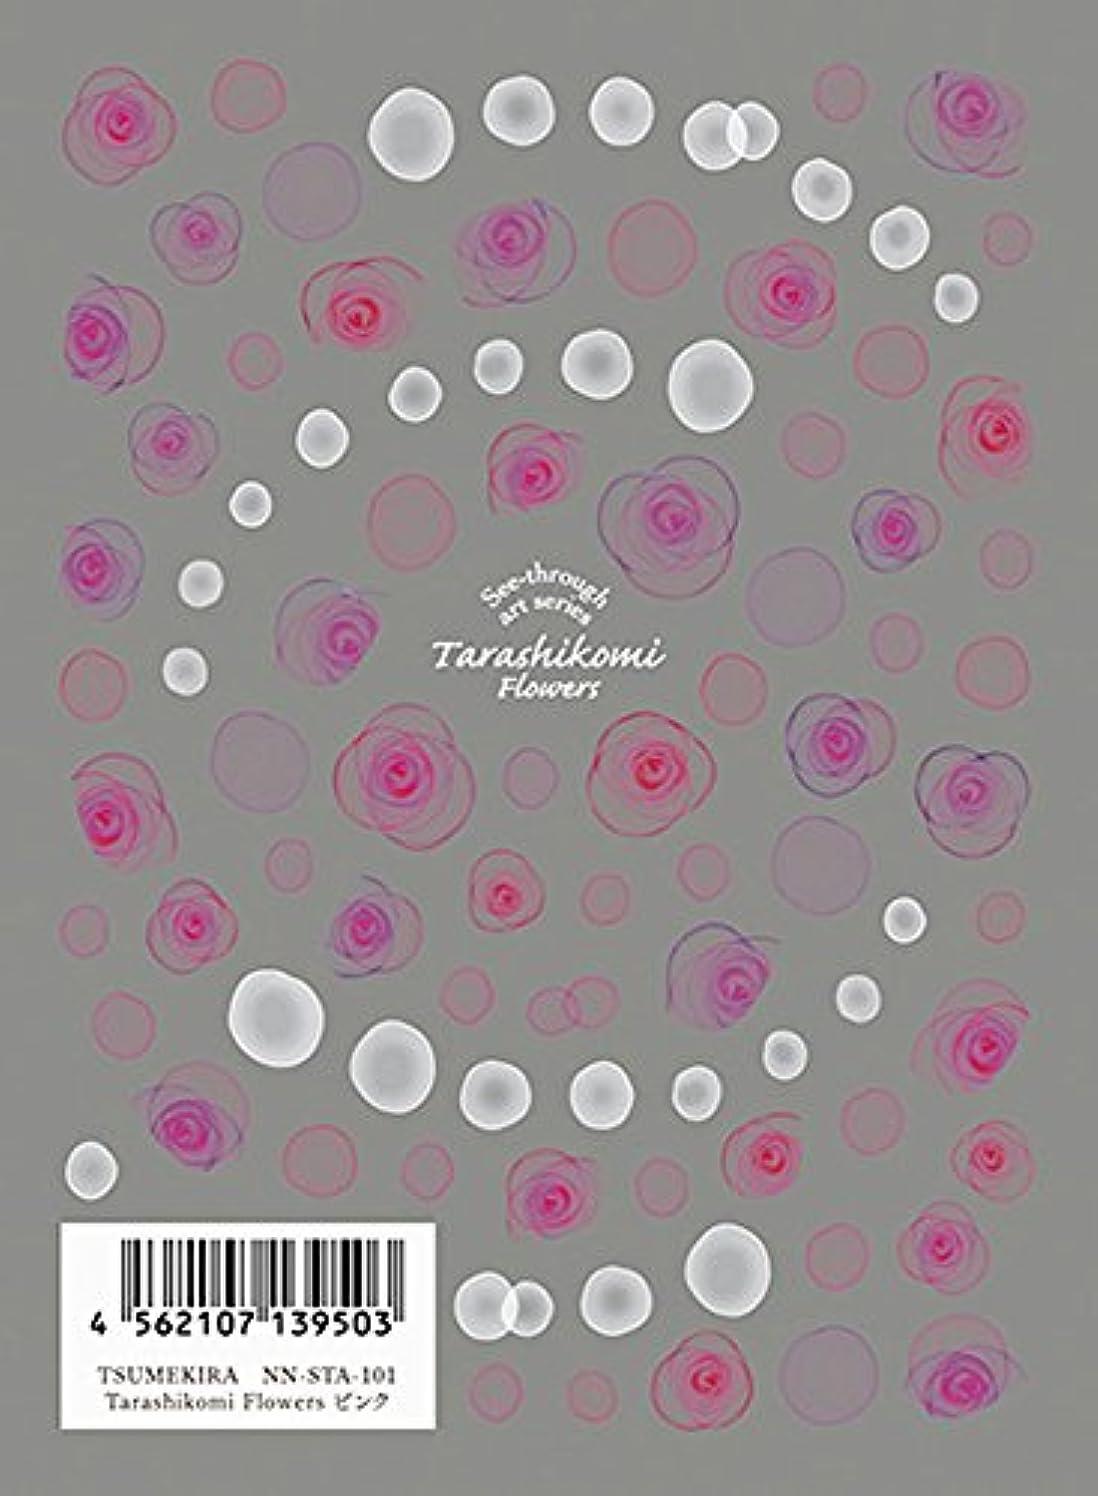 機関修正シンプルさツメキラ(TSUMEKIRA) ネイル用シール Tarashikomi Flowers ピンク NN-STA-101